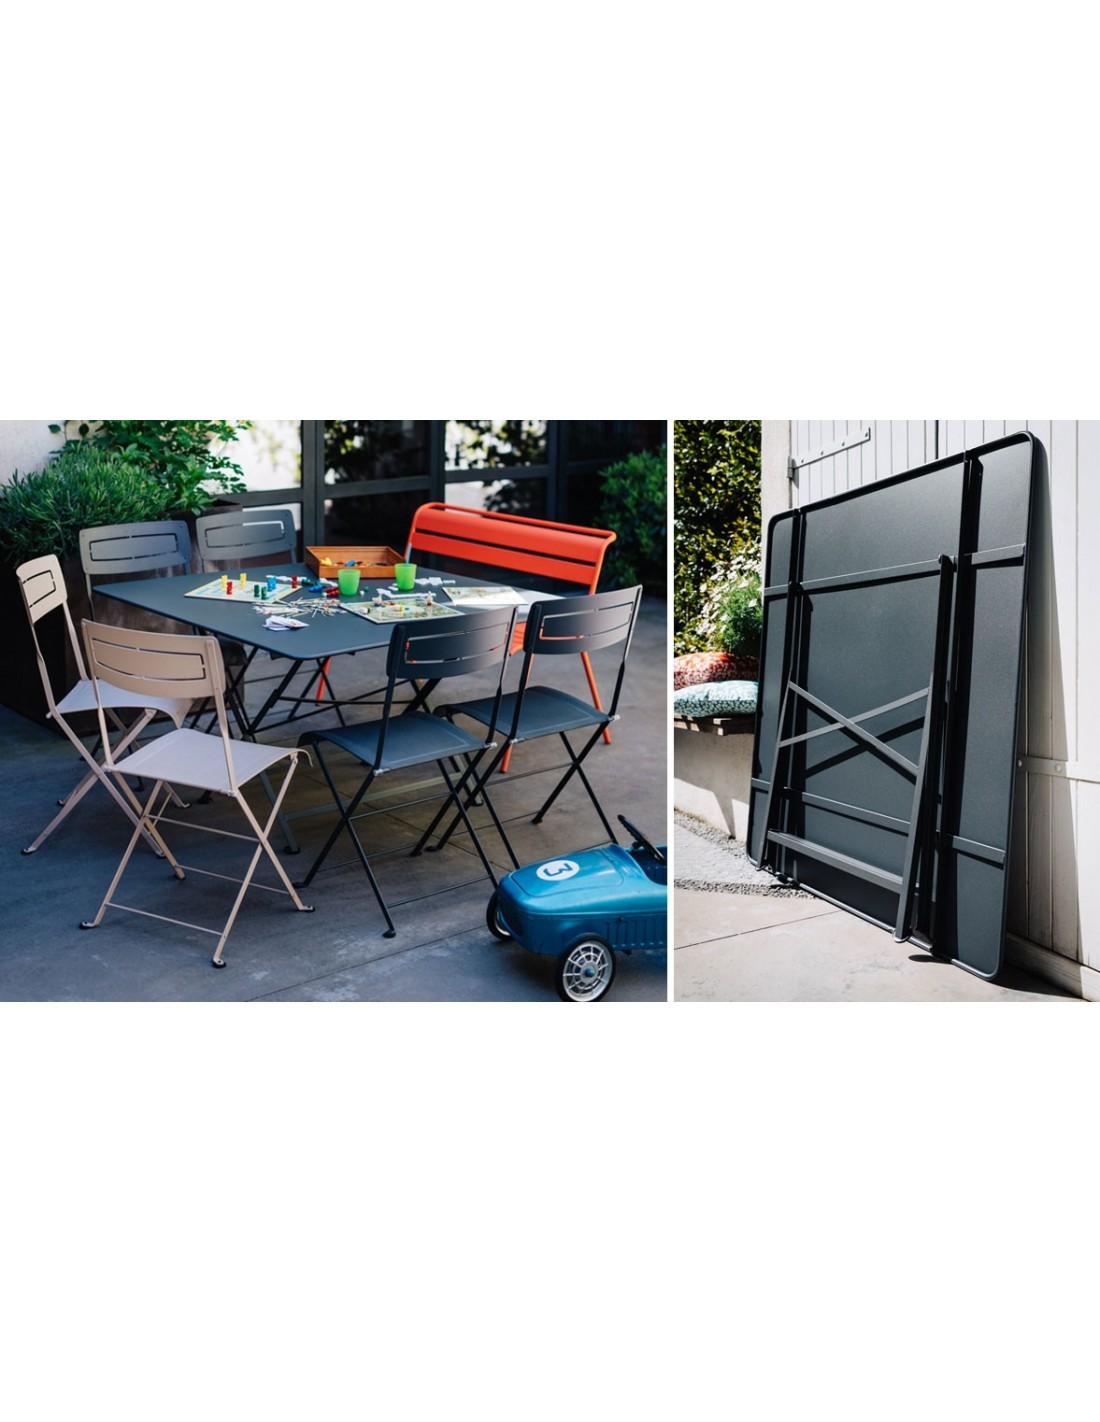 Table de jardin Cargo carrée 128 x 128 cm pliante - Fermob